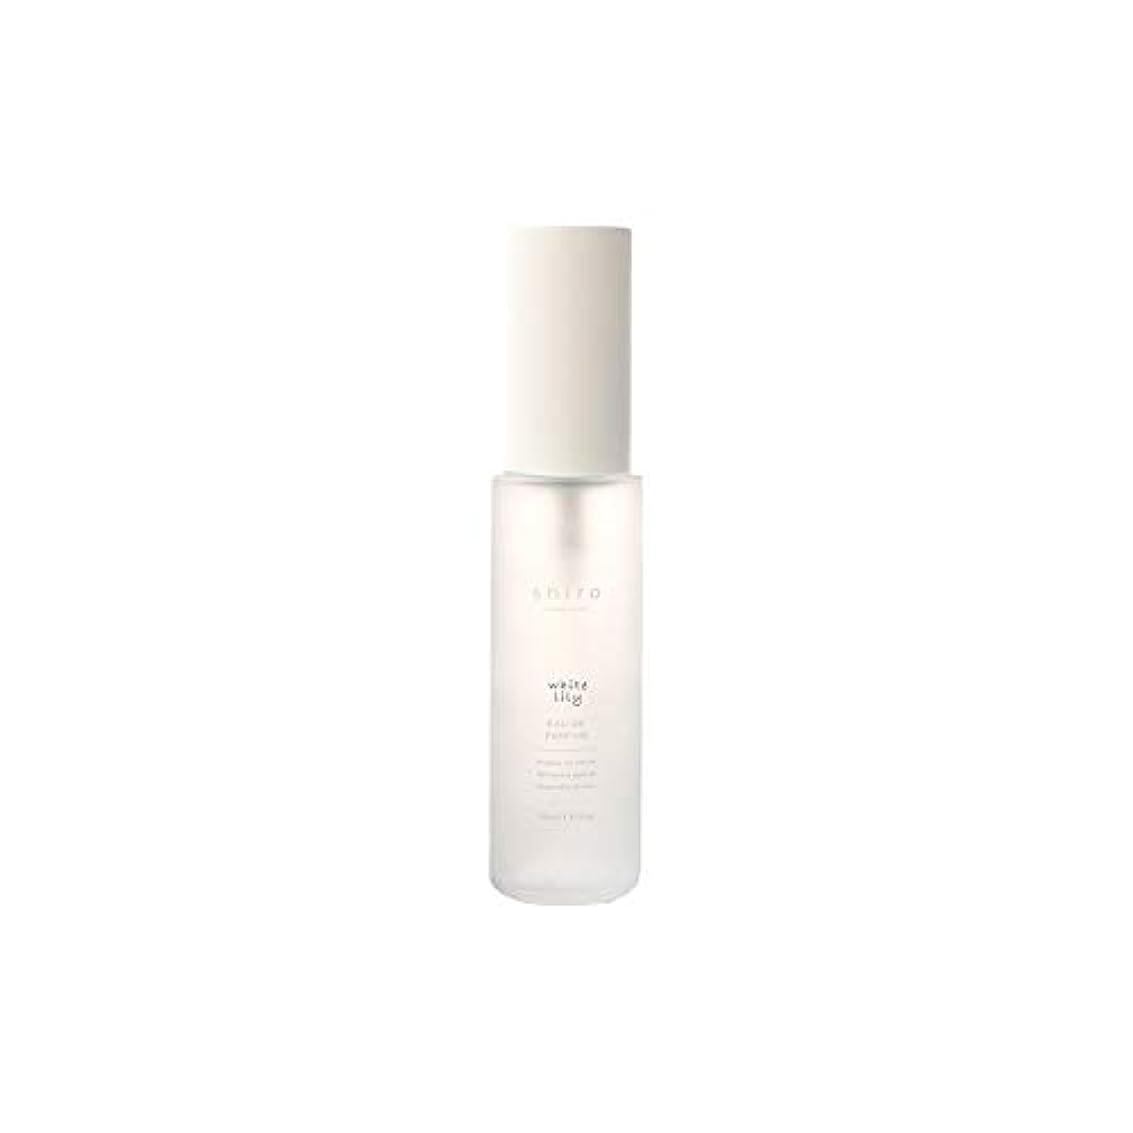 オーストラリア人くるくる安全性shiro シロ ホワイトリリー オードパルファン 香水 40ml (長時間持続)